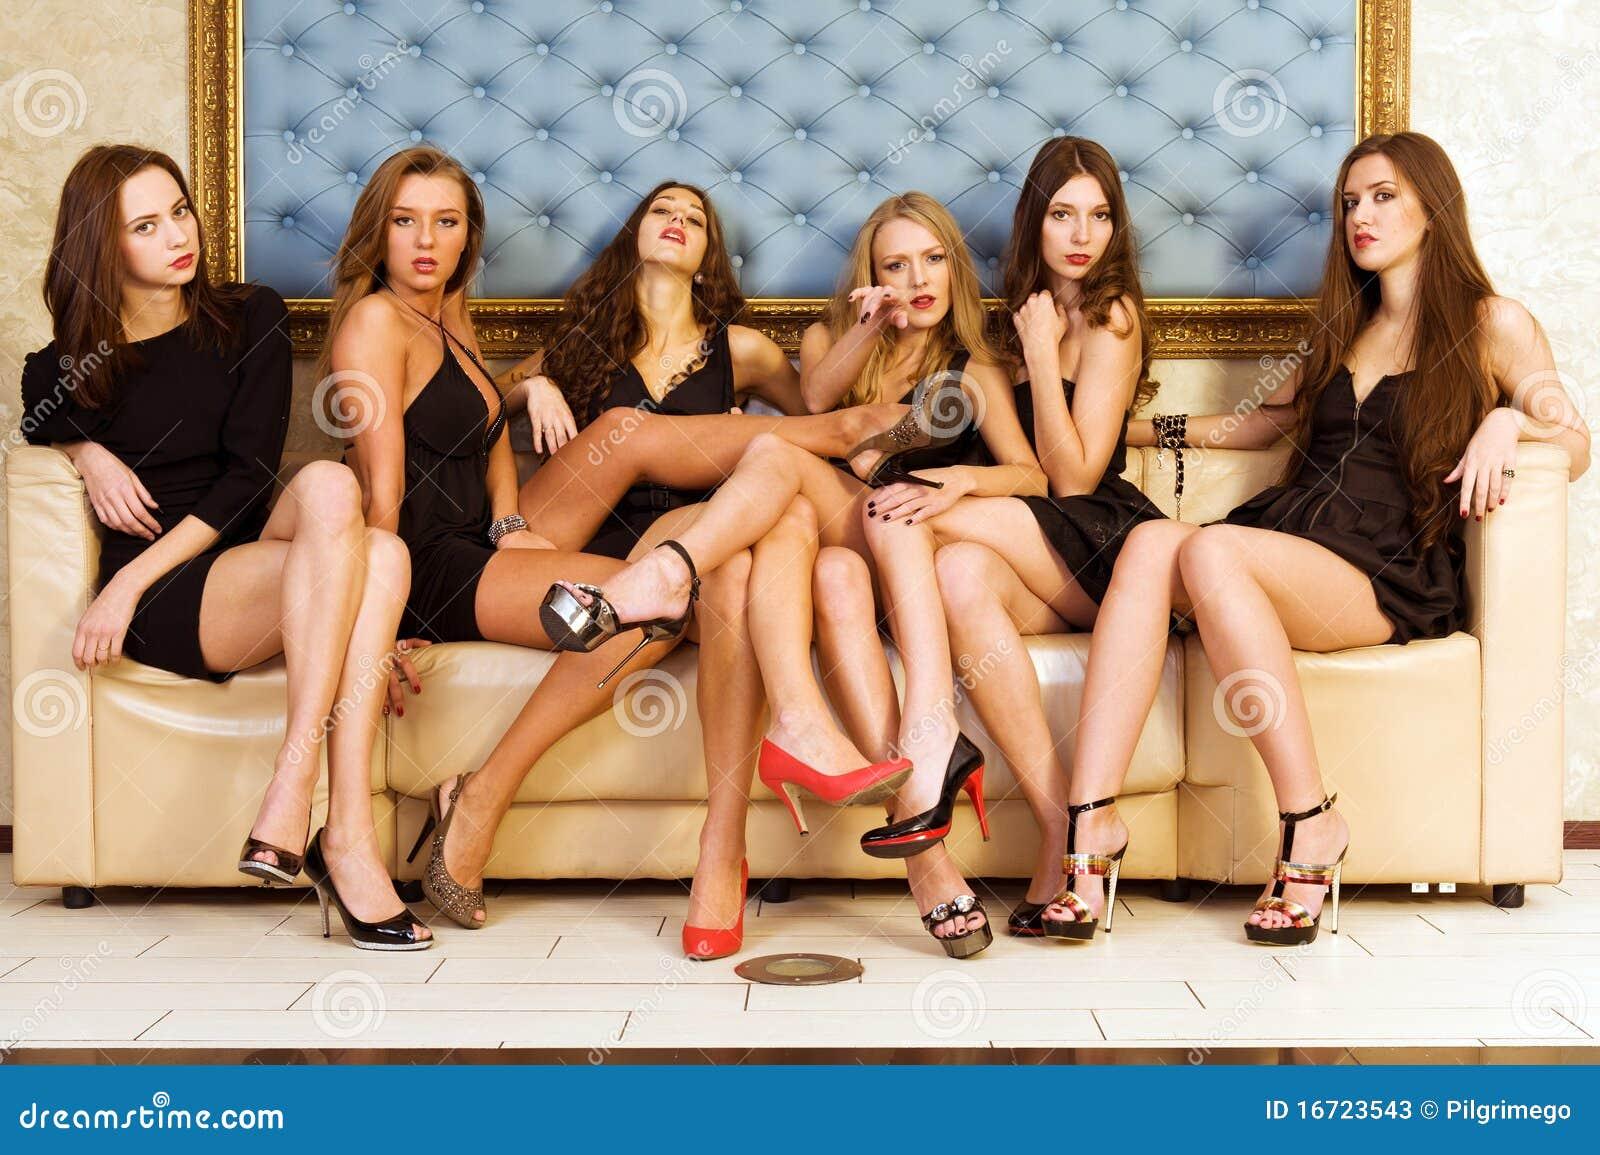 porn 3d chicas zorras